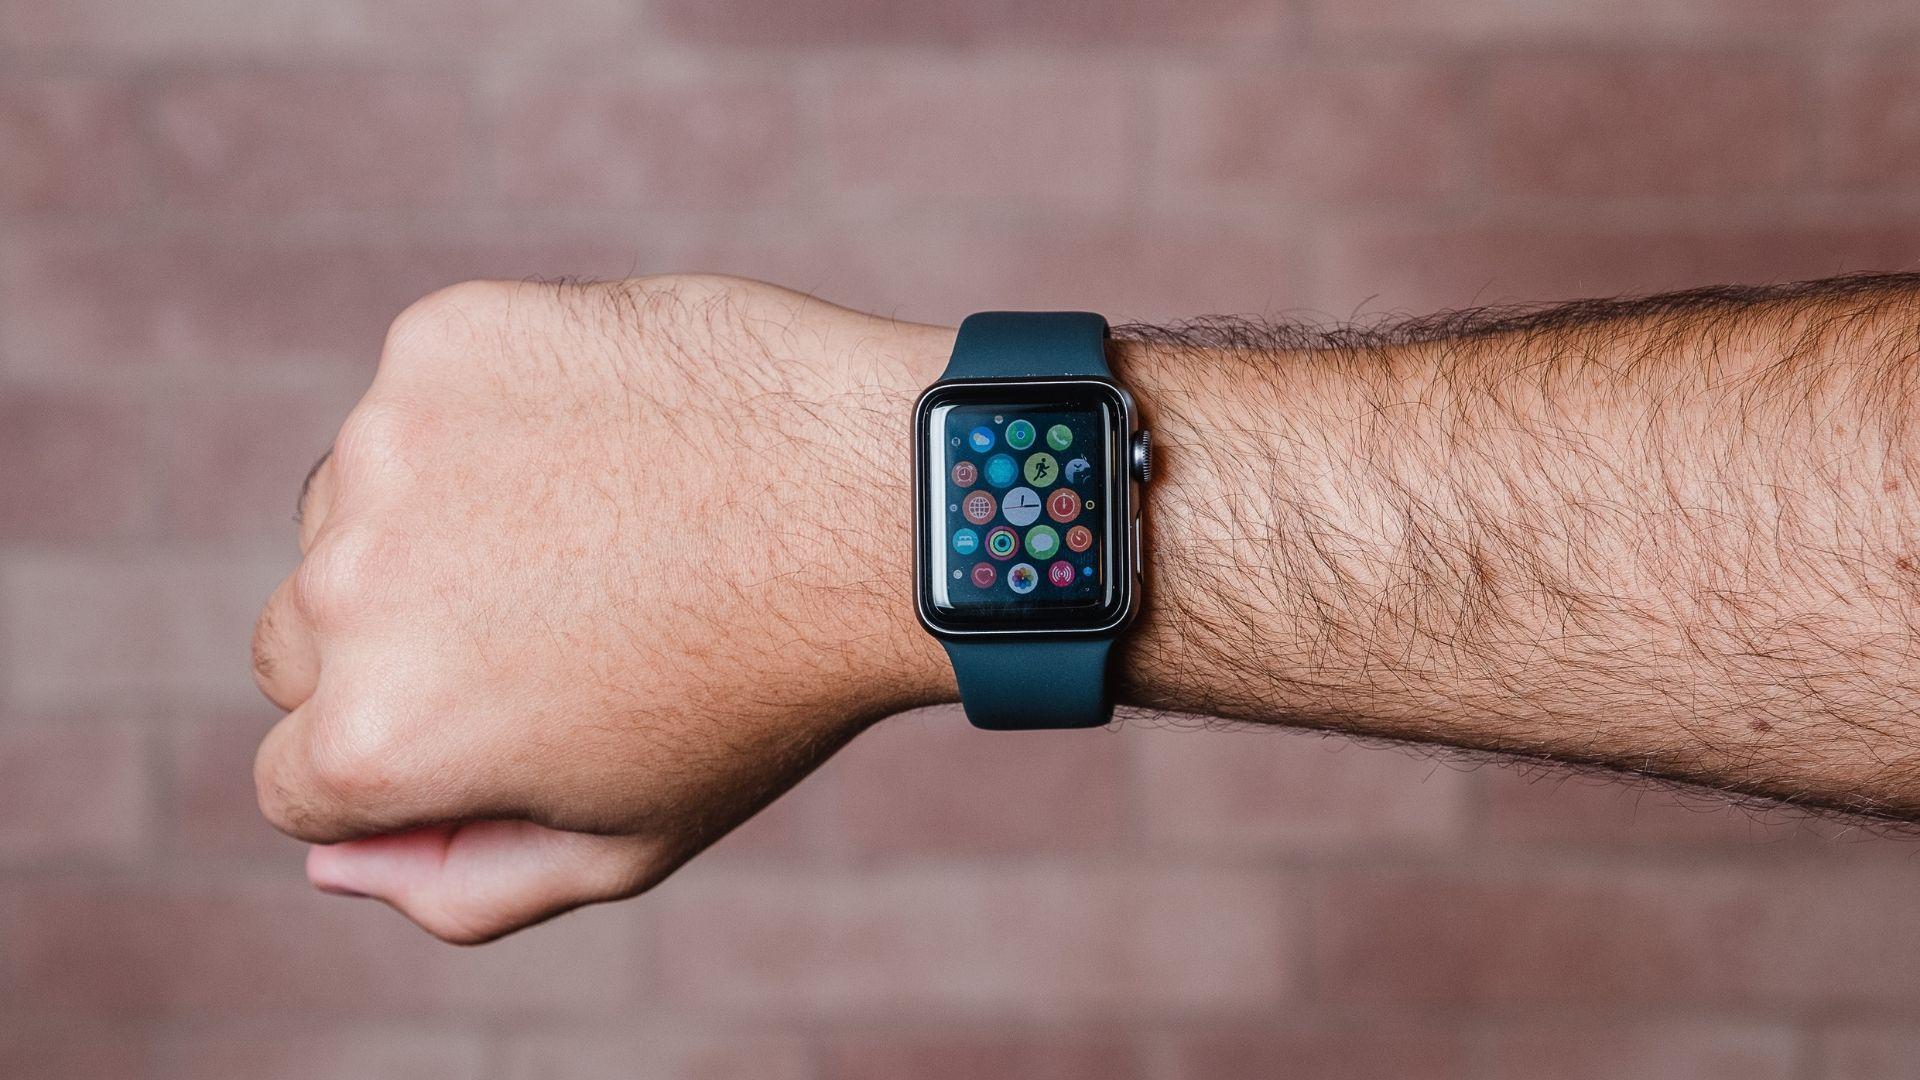 Apple Watch 3 com a tela acesa no pulso de um homem